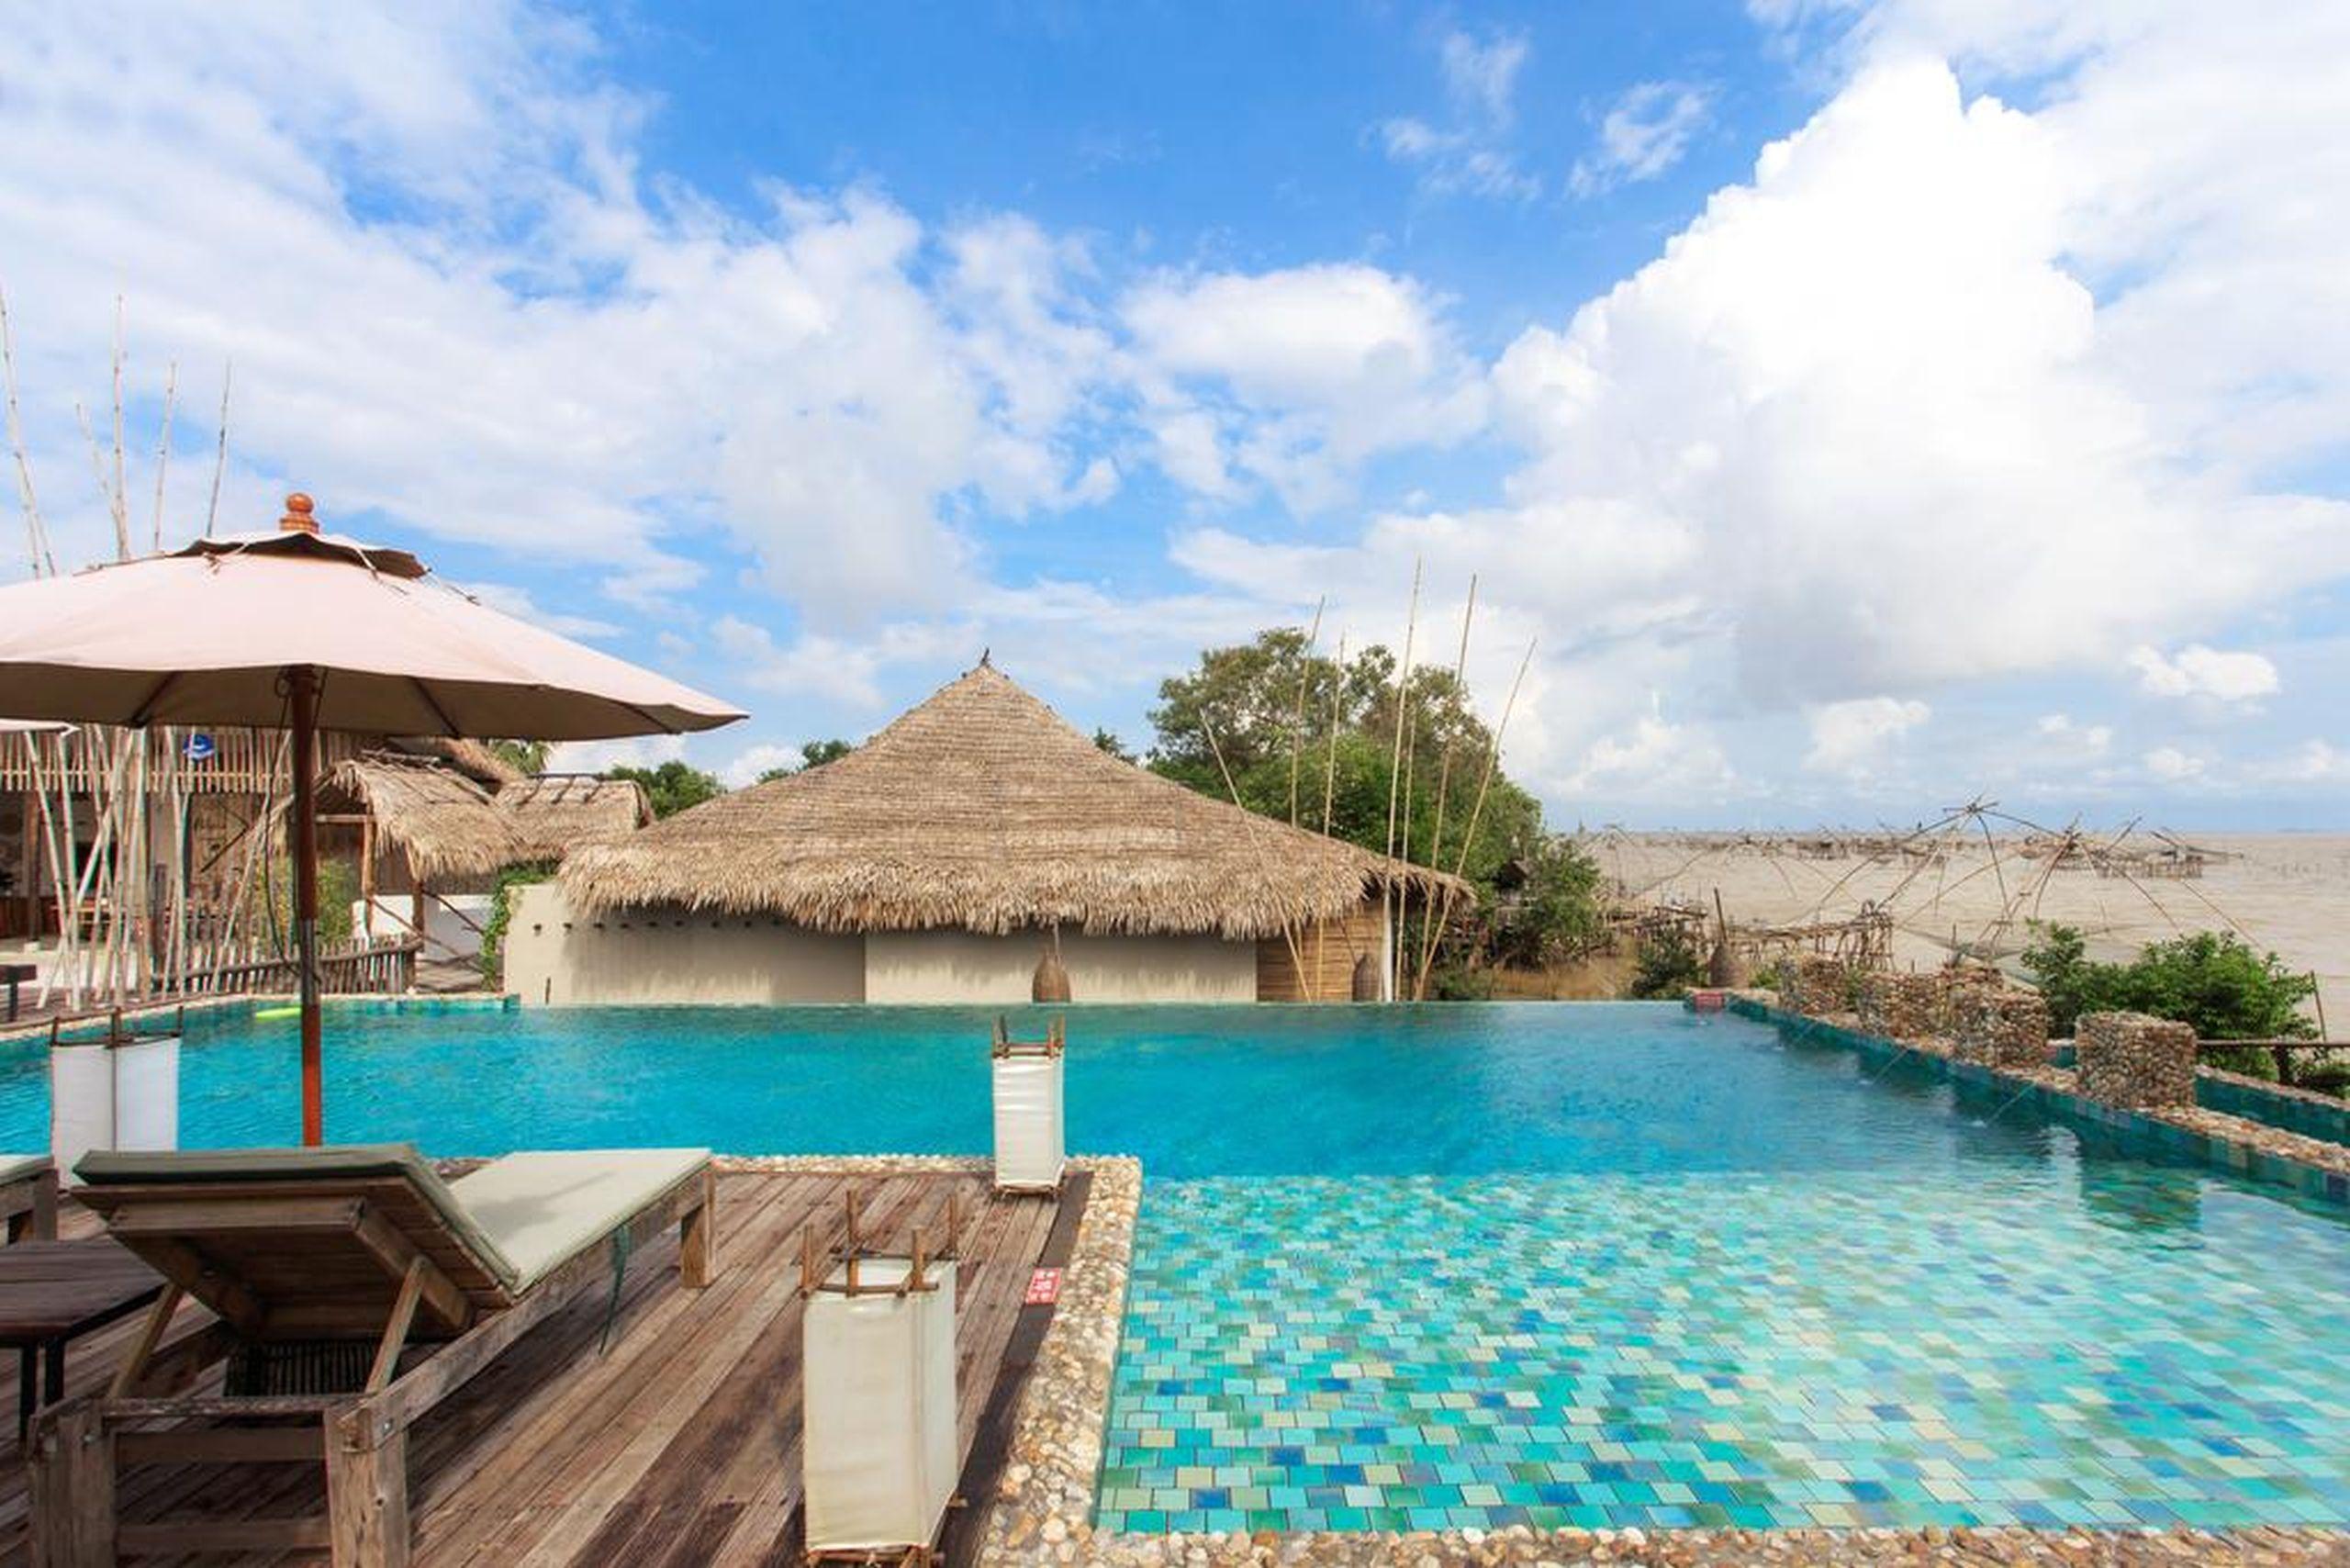 Sri pakpra Andacura Boutique Resort, Khuan Khanun